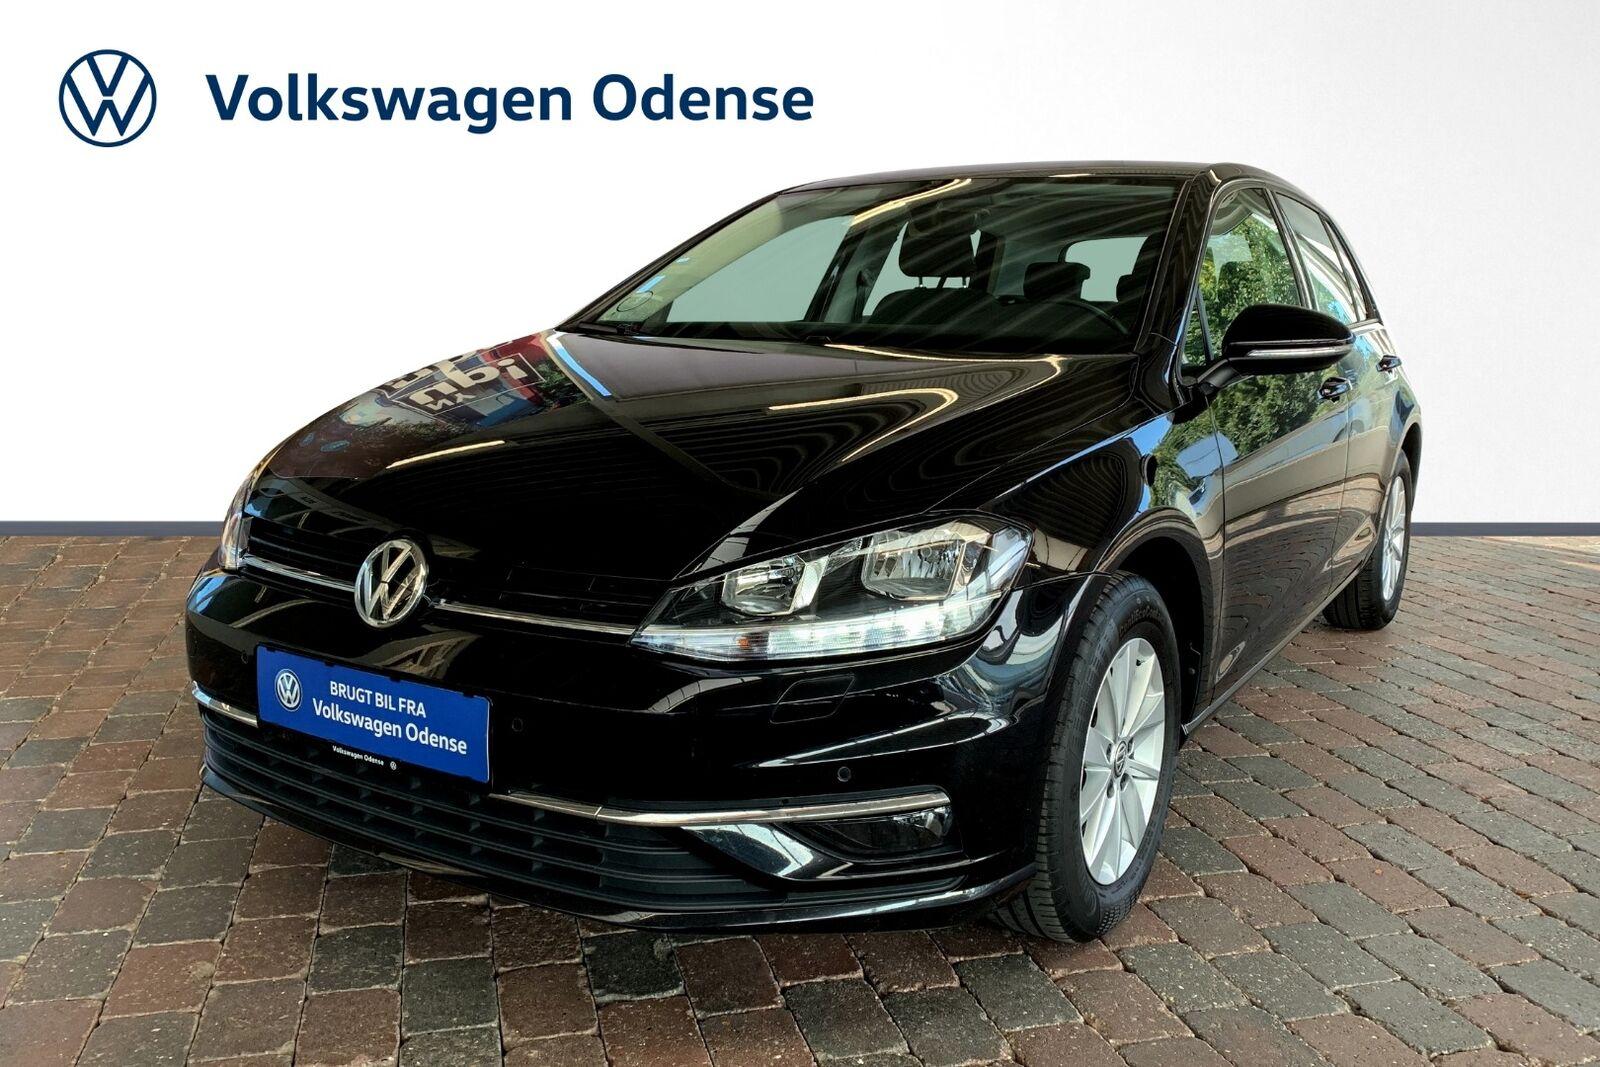 VW Golf VII 1,6 TDi 115 Comfortline 5d - 174.900 kr.